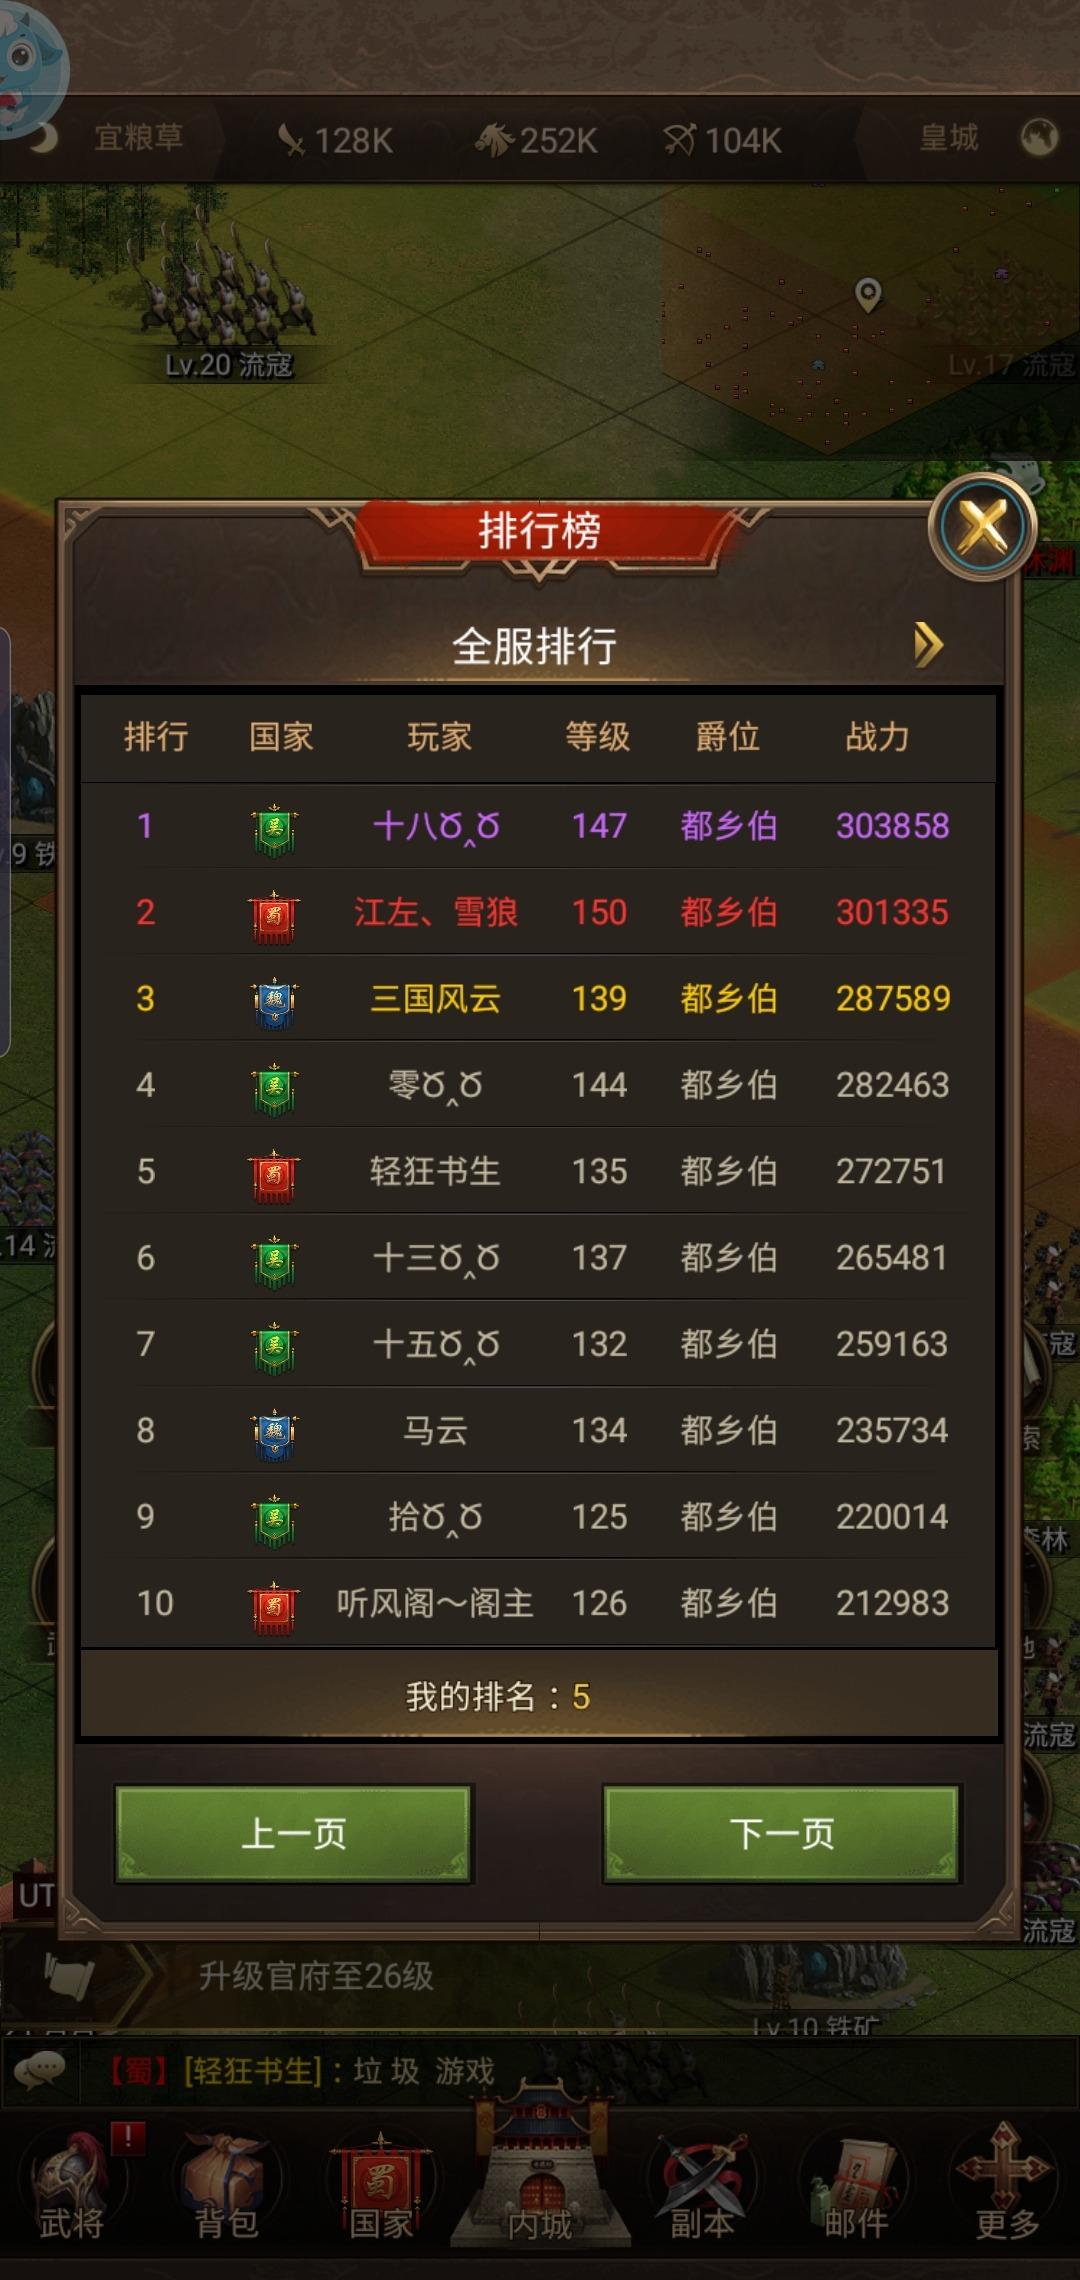 Screenshot_20191020-053716.jpg